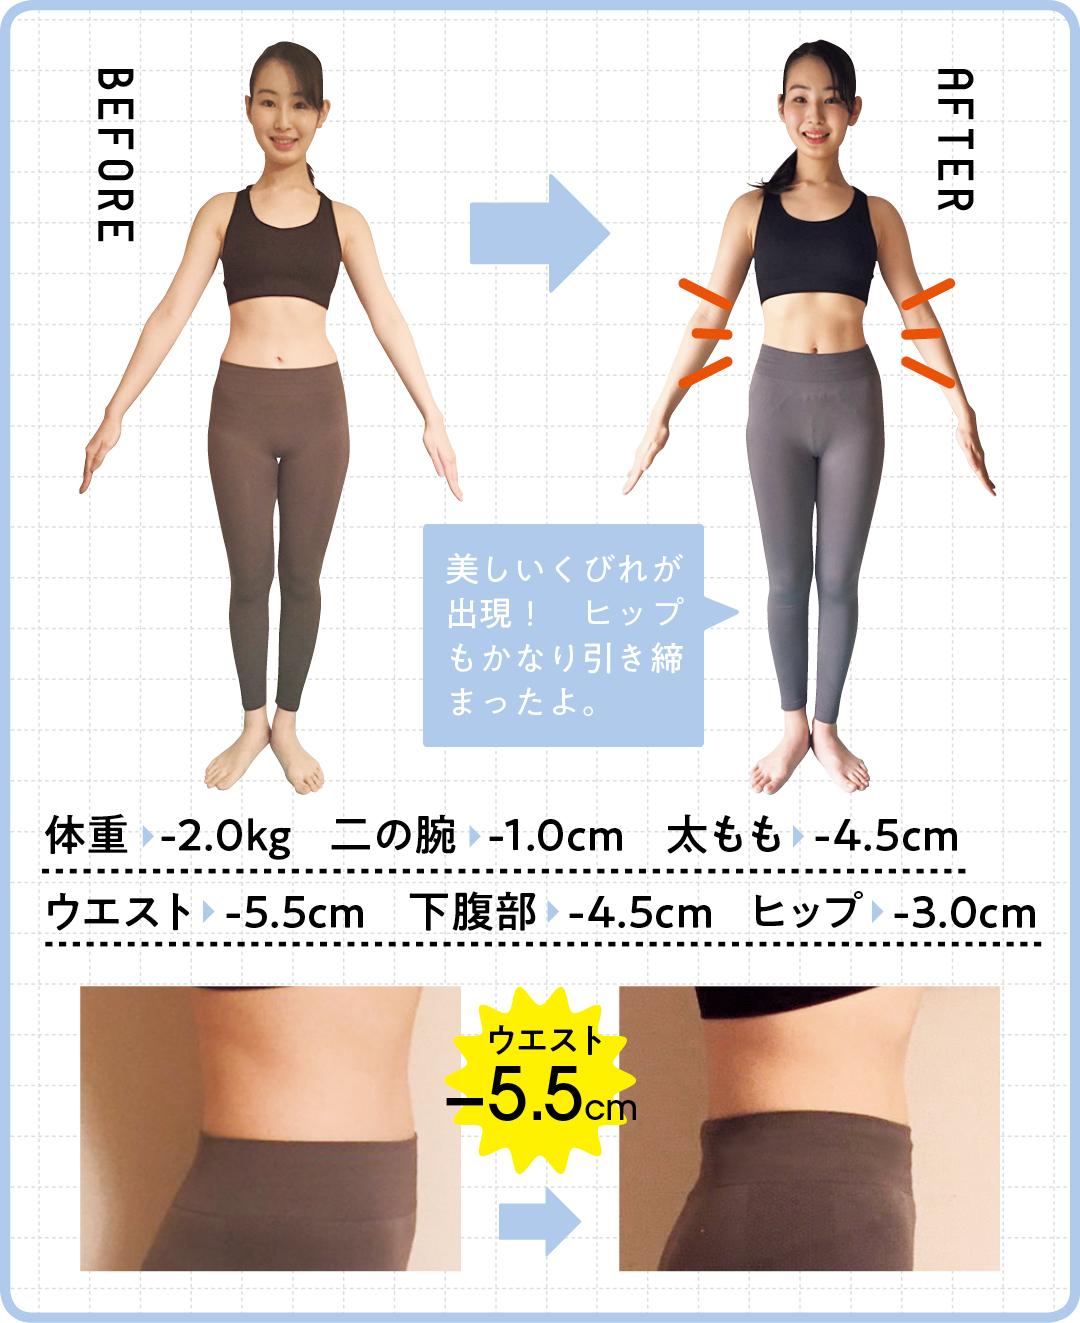 体重   -2.0kg    二の腕   -1.0cm 太もも   -4.5cm ウエスト    -5.5cm  下腹部   -4.5cm ヒップ   -3.0cm